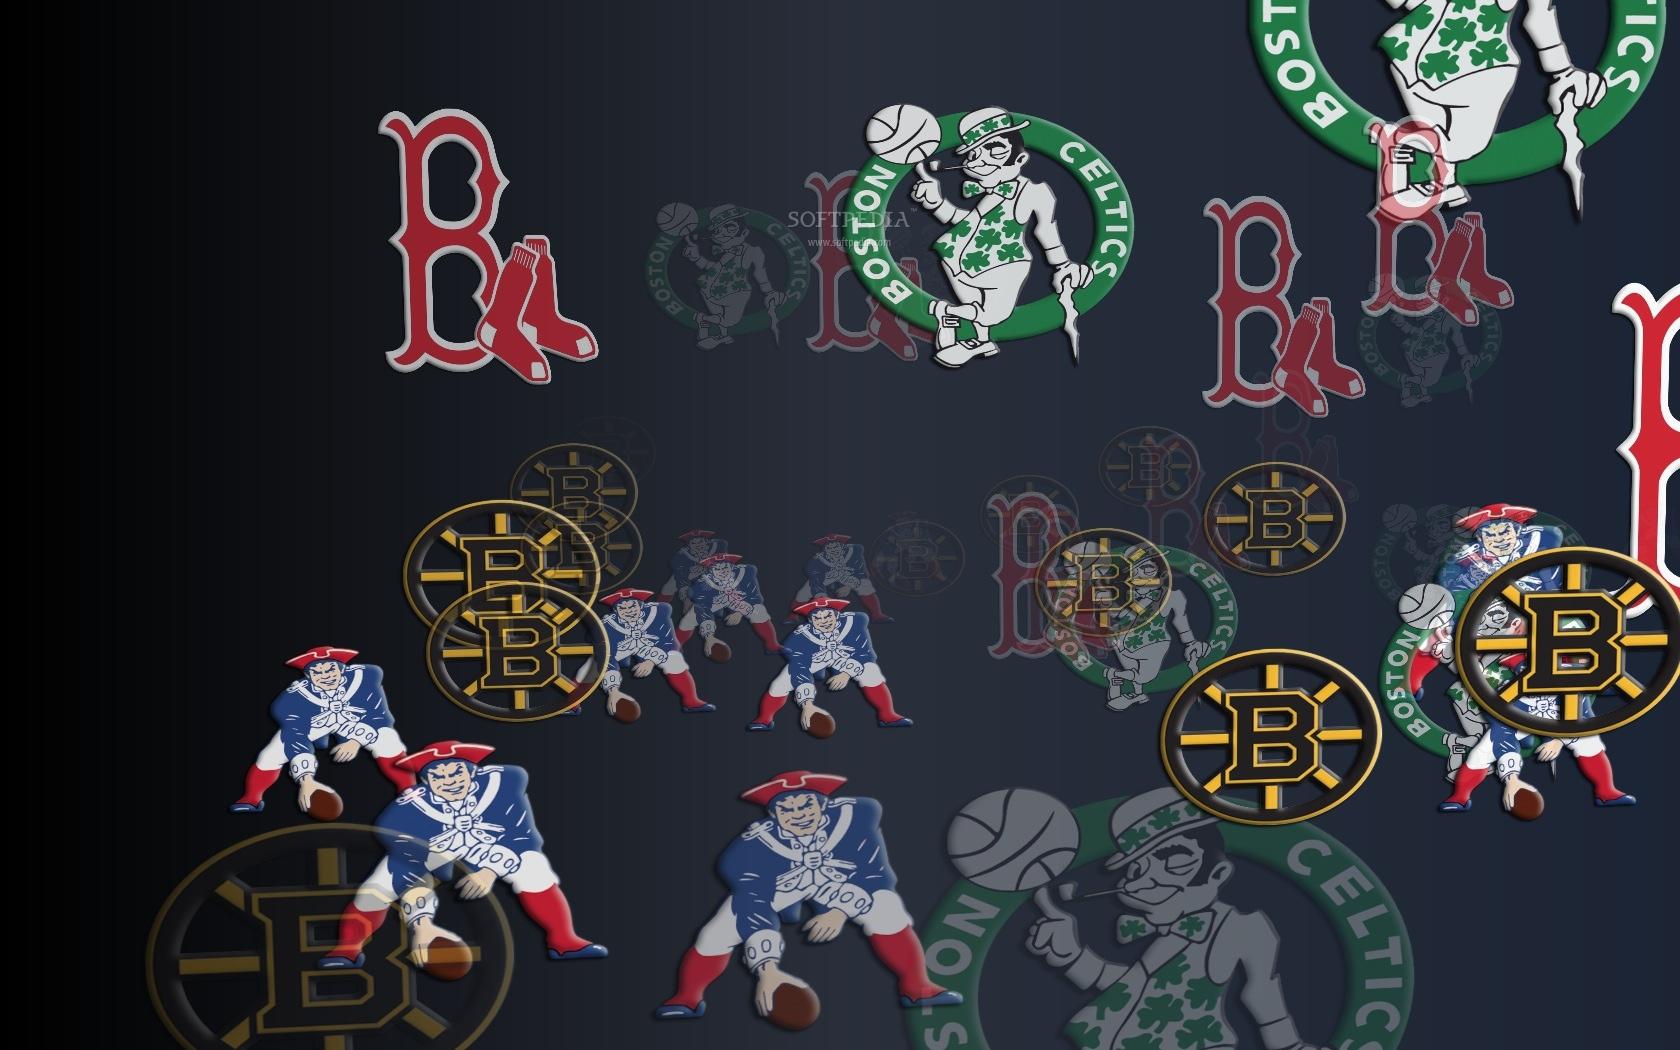 Boston Sports Desktop Wallpaper Desktop Image 1680x1050